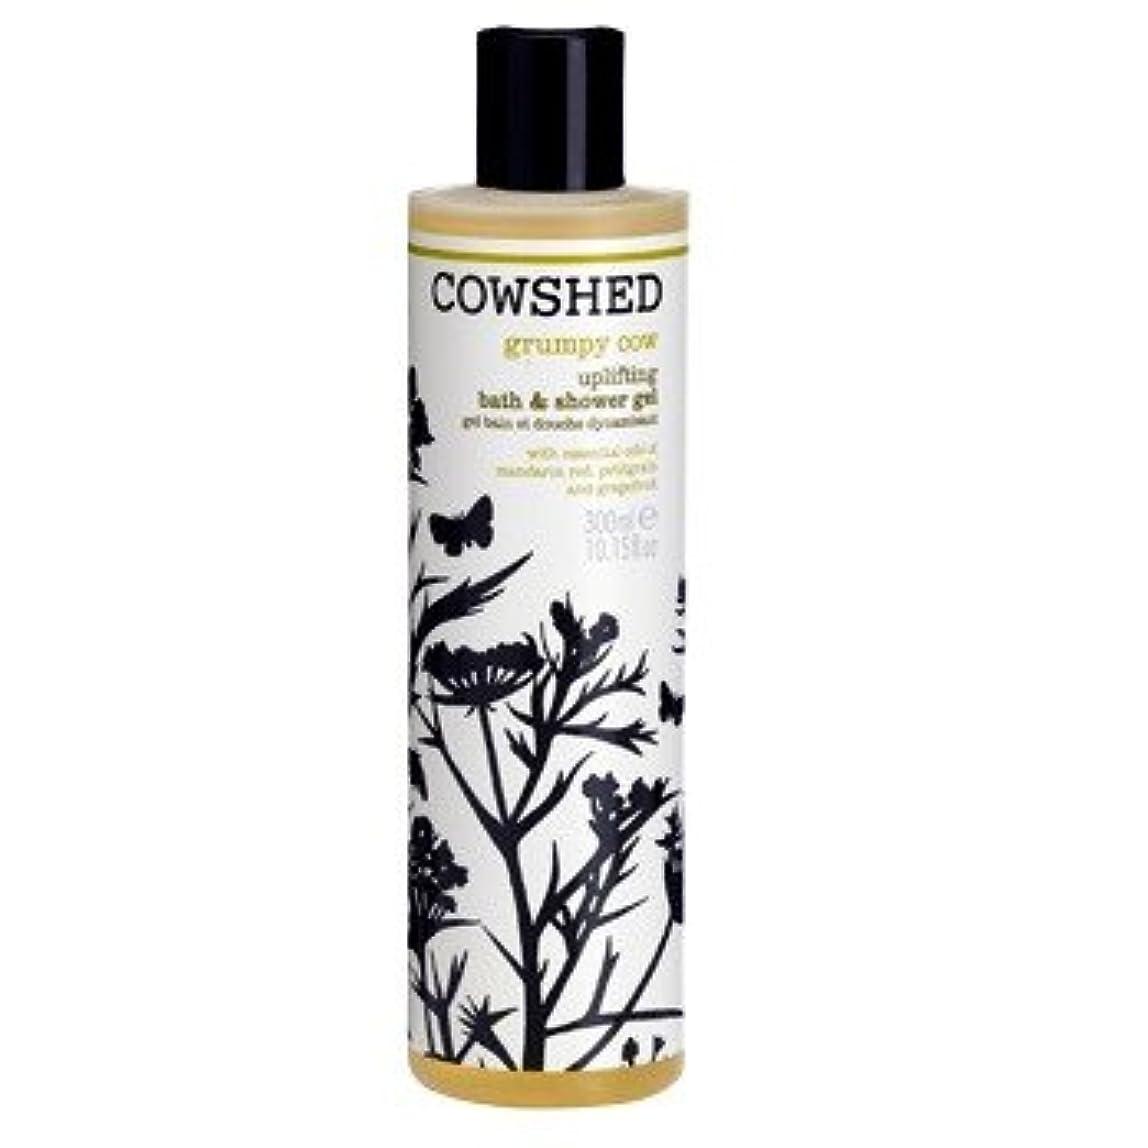 メイト遠い告白する牛舎気難しい牛高揚バス&シャワージェル300ミリリットル (Cowshed) - Cowshed Grumpy Cow Uplifting Bath & Shower Gel 300ml [並行輸入品]